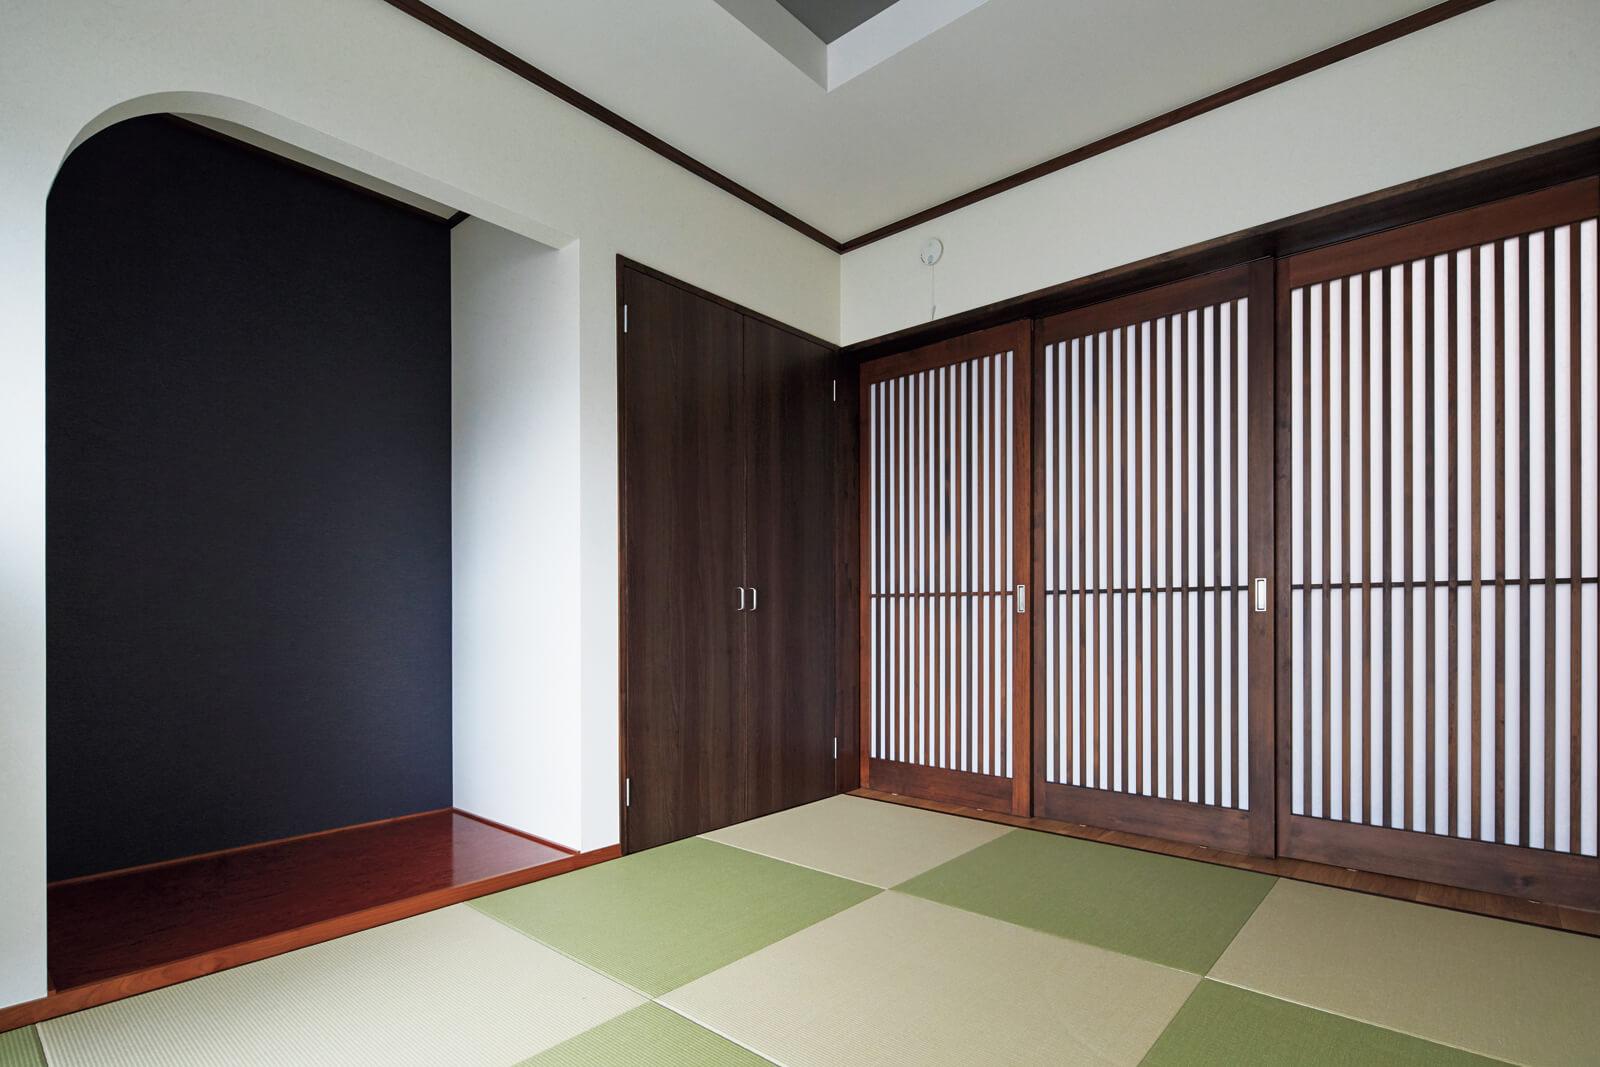 リビングの隣に設けた和室は爽やかな色の畳やアールの垂れ壁がモダンな雰囲気。造作した3枚引き戸は壁に隠せるようになっている